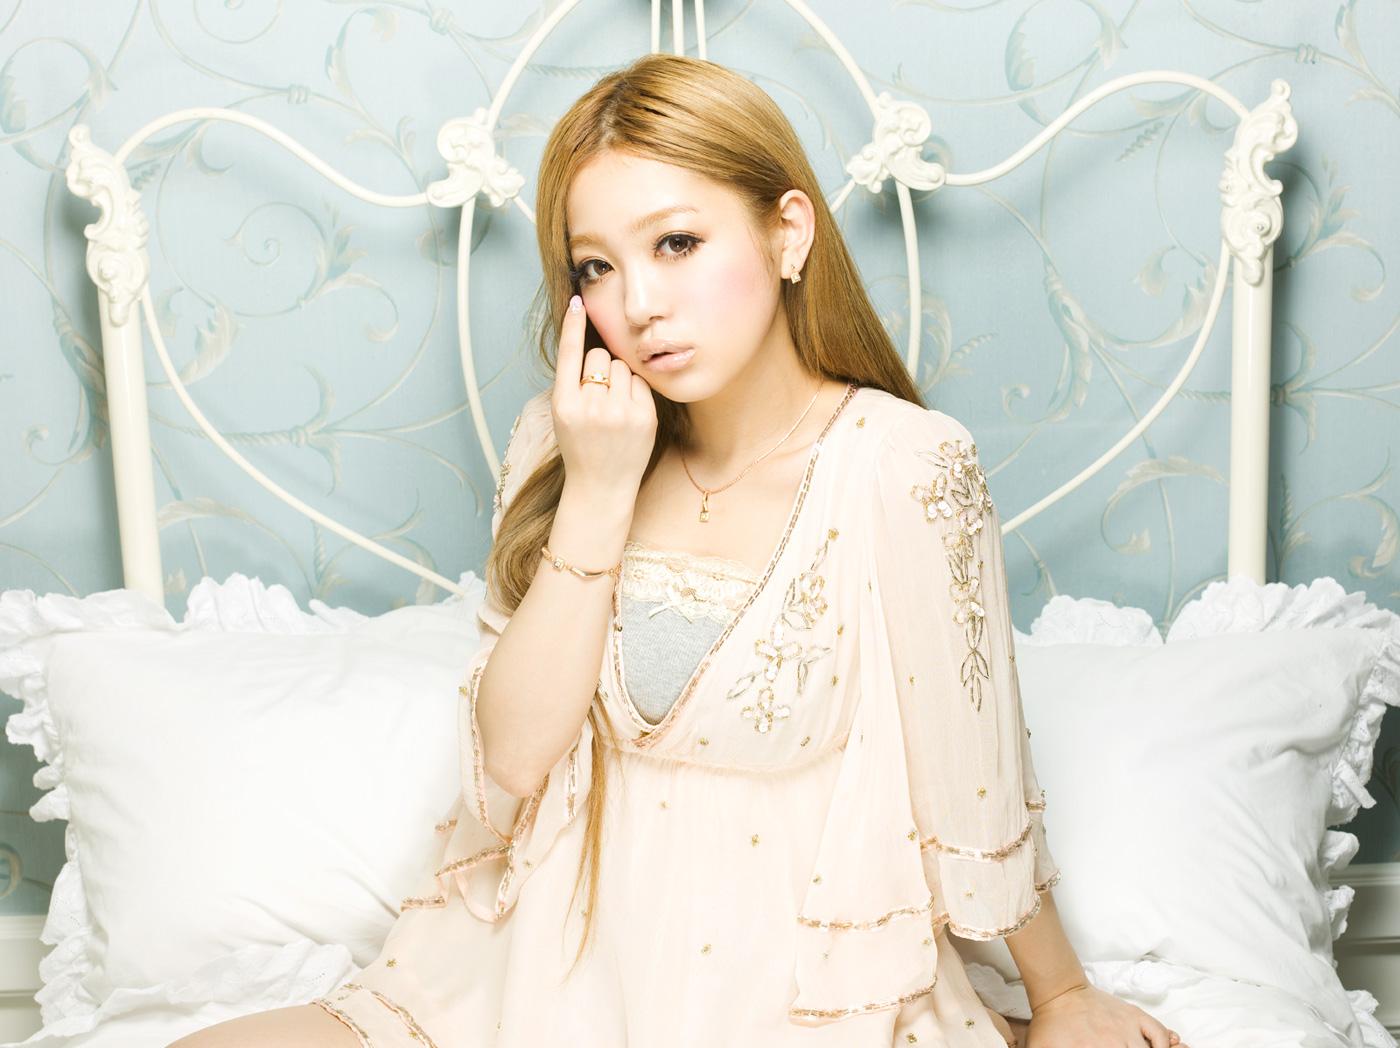 壁紙 Kana Nishino Official 写真 23667755 ファンポップ